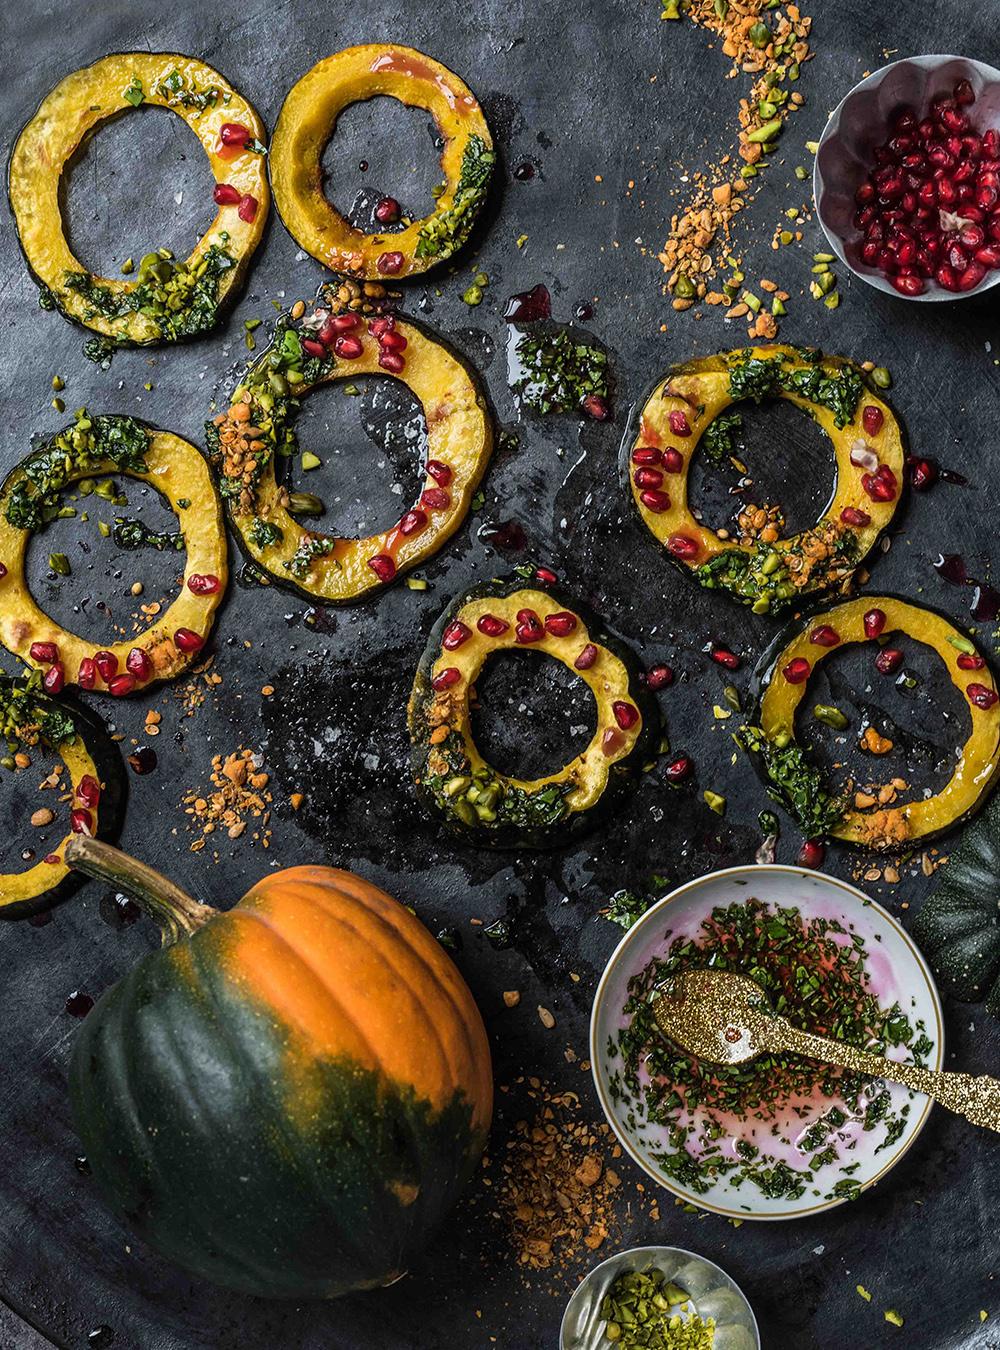 Acorn Squash - Festliche Eichelkürbis Kringel mit Pesto, fruchtiger Vinaigrette, Pistazien und Dukkah- Vorspeise und Beilage für herbst und Winter schnell und easy aus dem Ofen